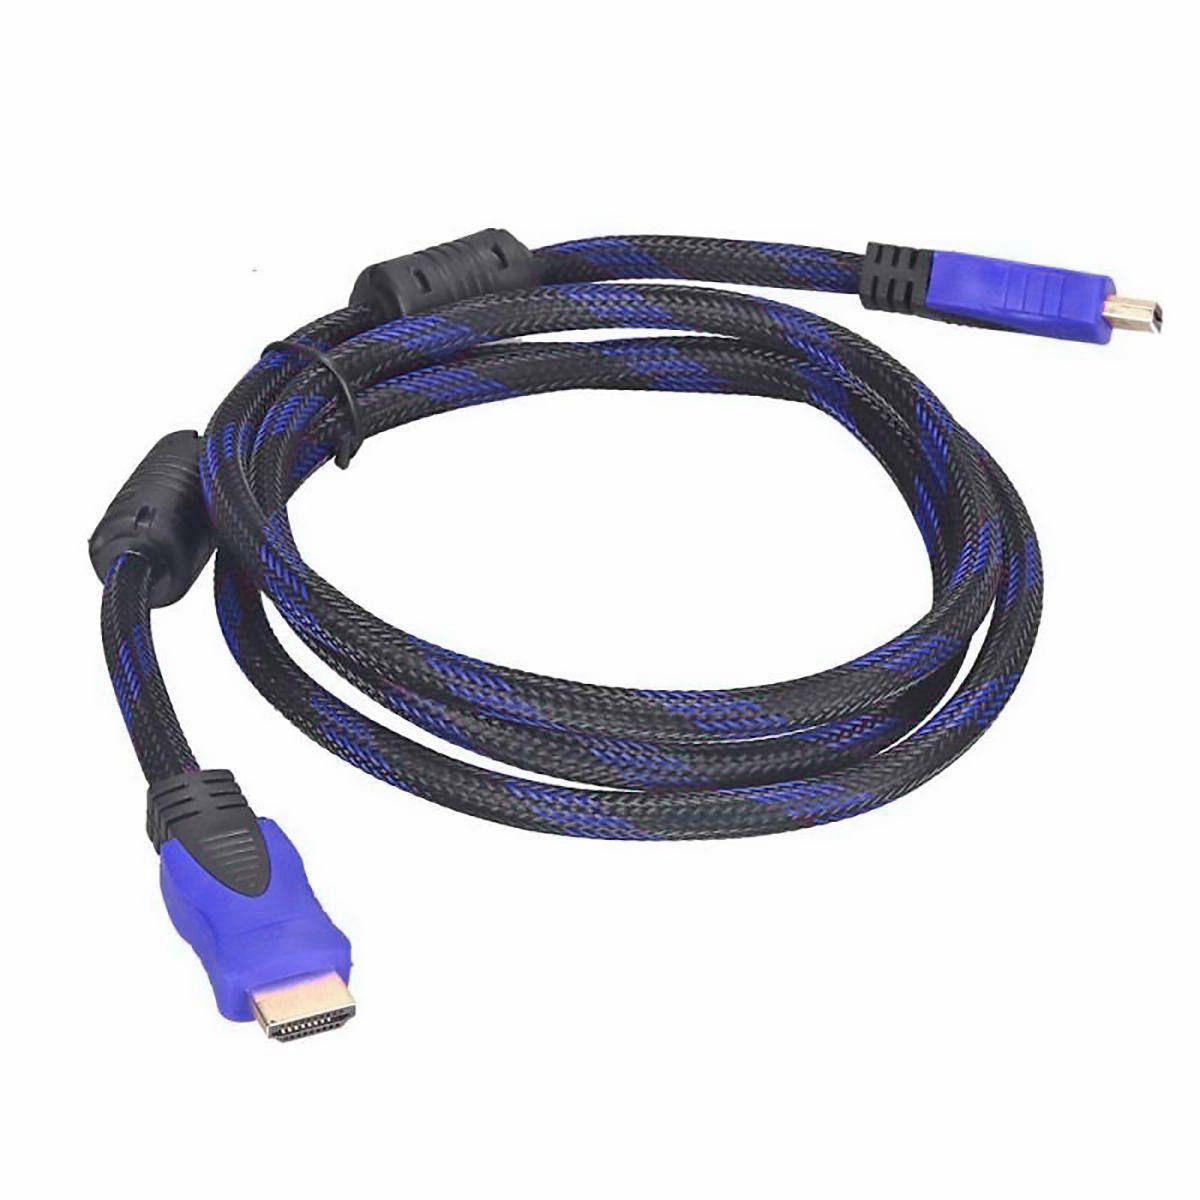 Cabo HDMI 1.8m Versão 1.4 com Malha de Nylon e Filtro OD6.8 Blindado Exbom CBX-H18CM